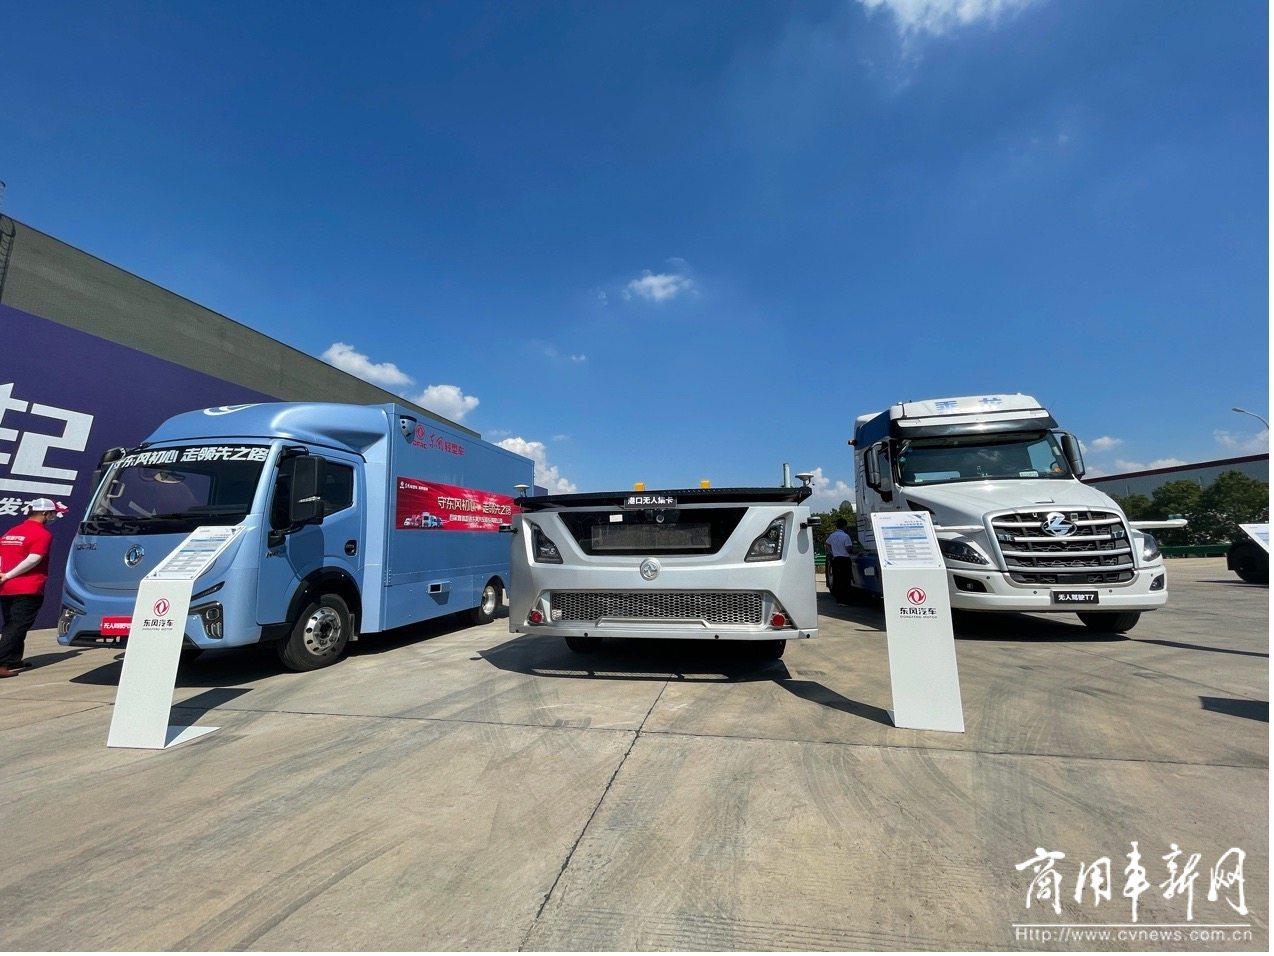 """全新生态品牌""""鲲跃""""发布!绿色智慧物流时代,东风商用车有方案更有成效"""